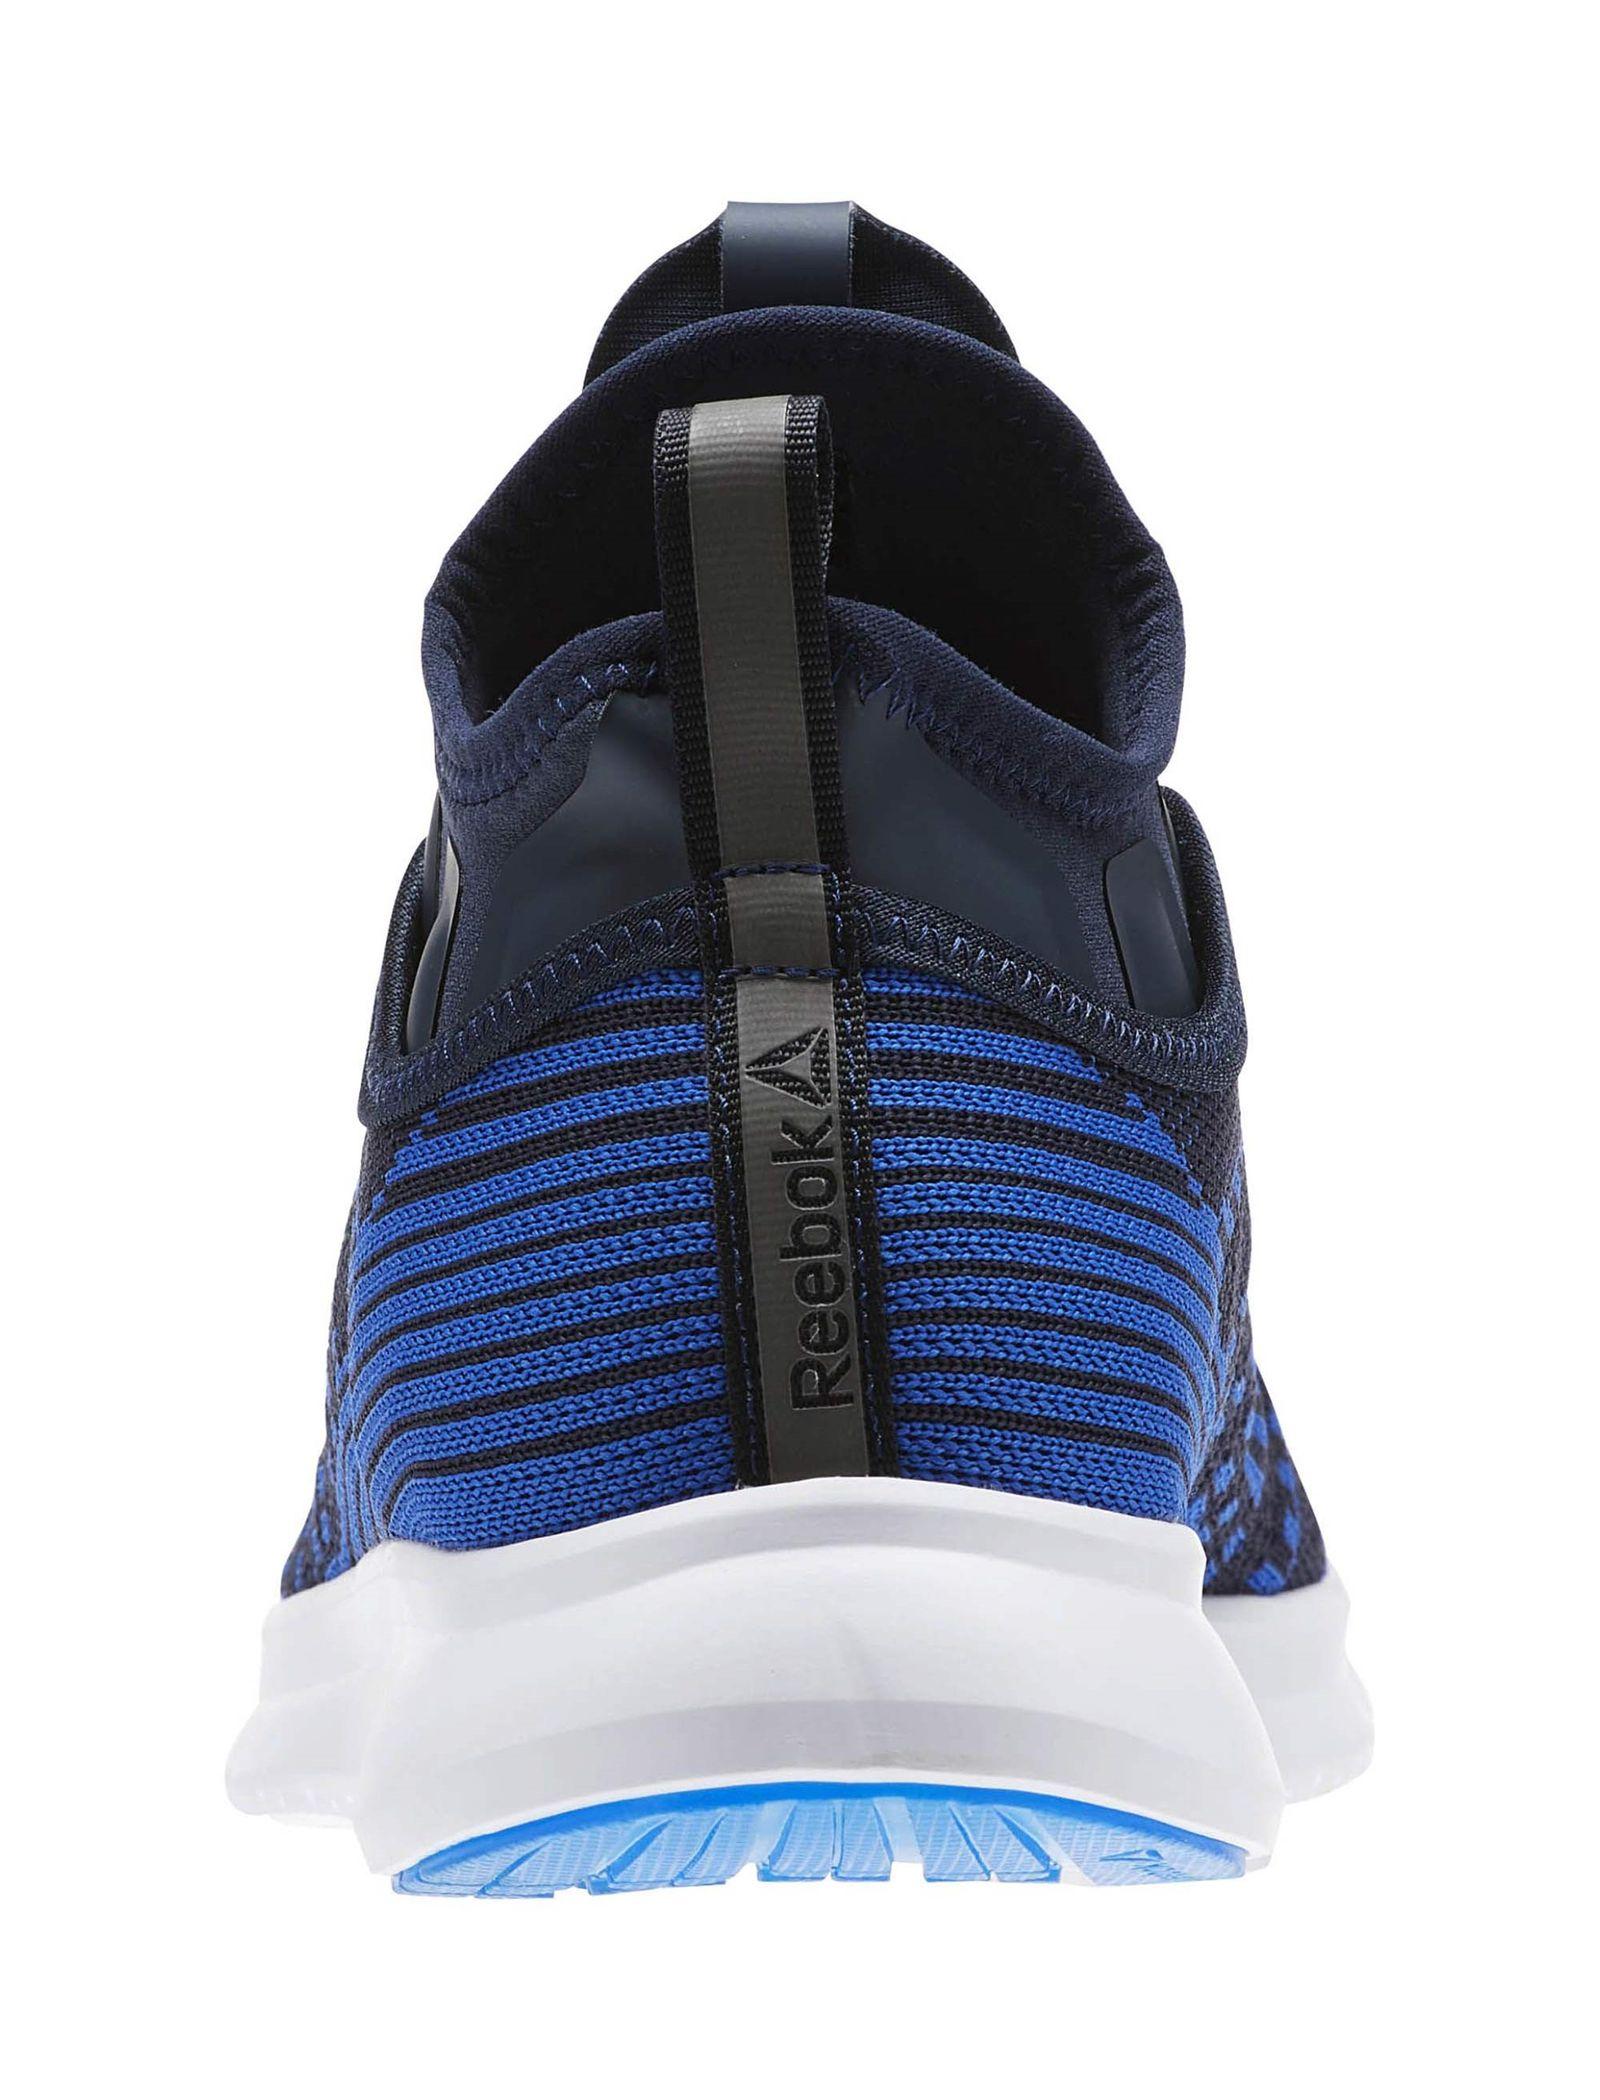 کفش دویدن بندی مردانه Pump Plus Ultraknit - ریباک - آبي سرمه اي - 6